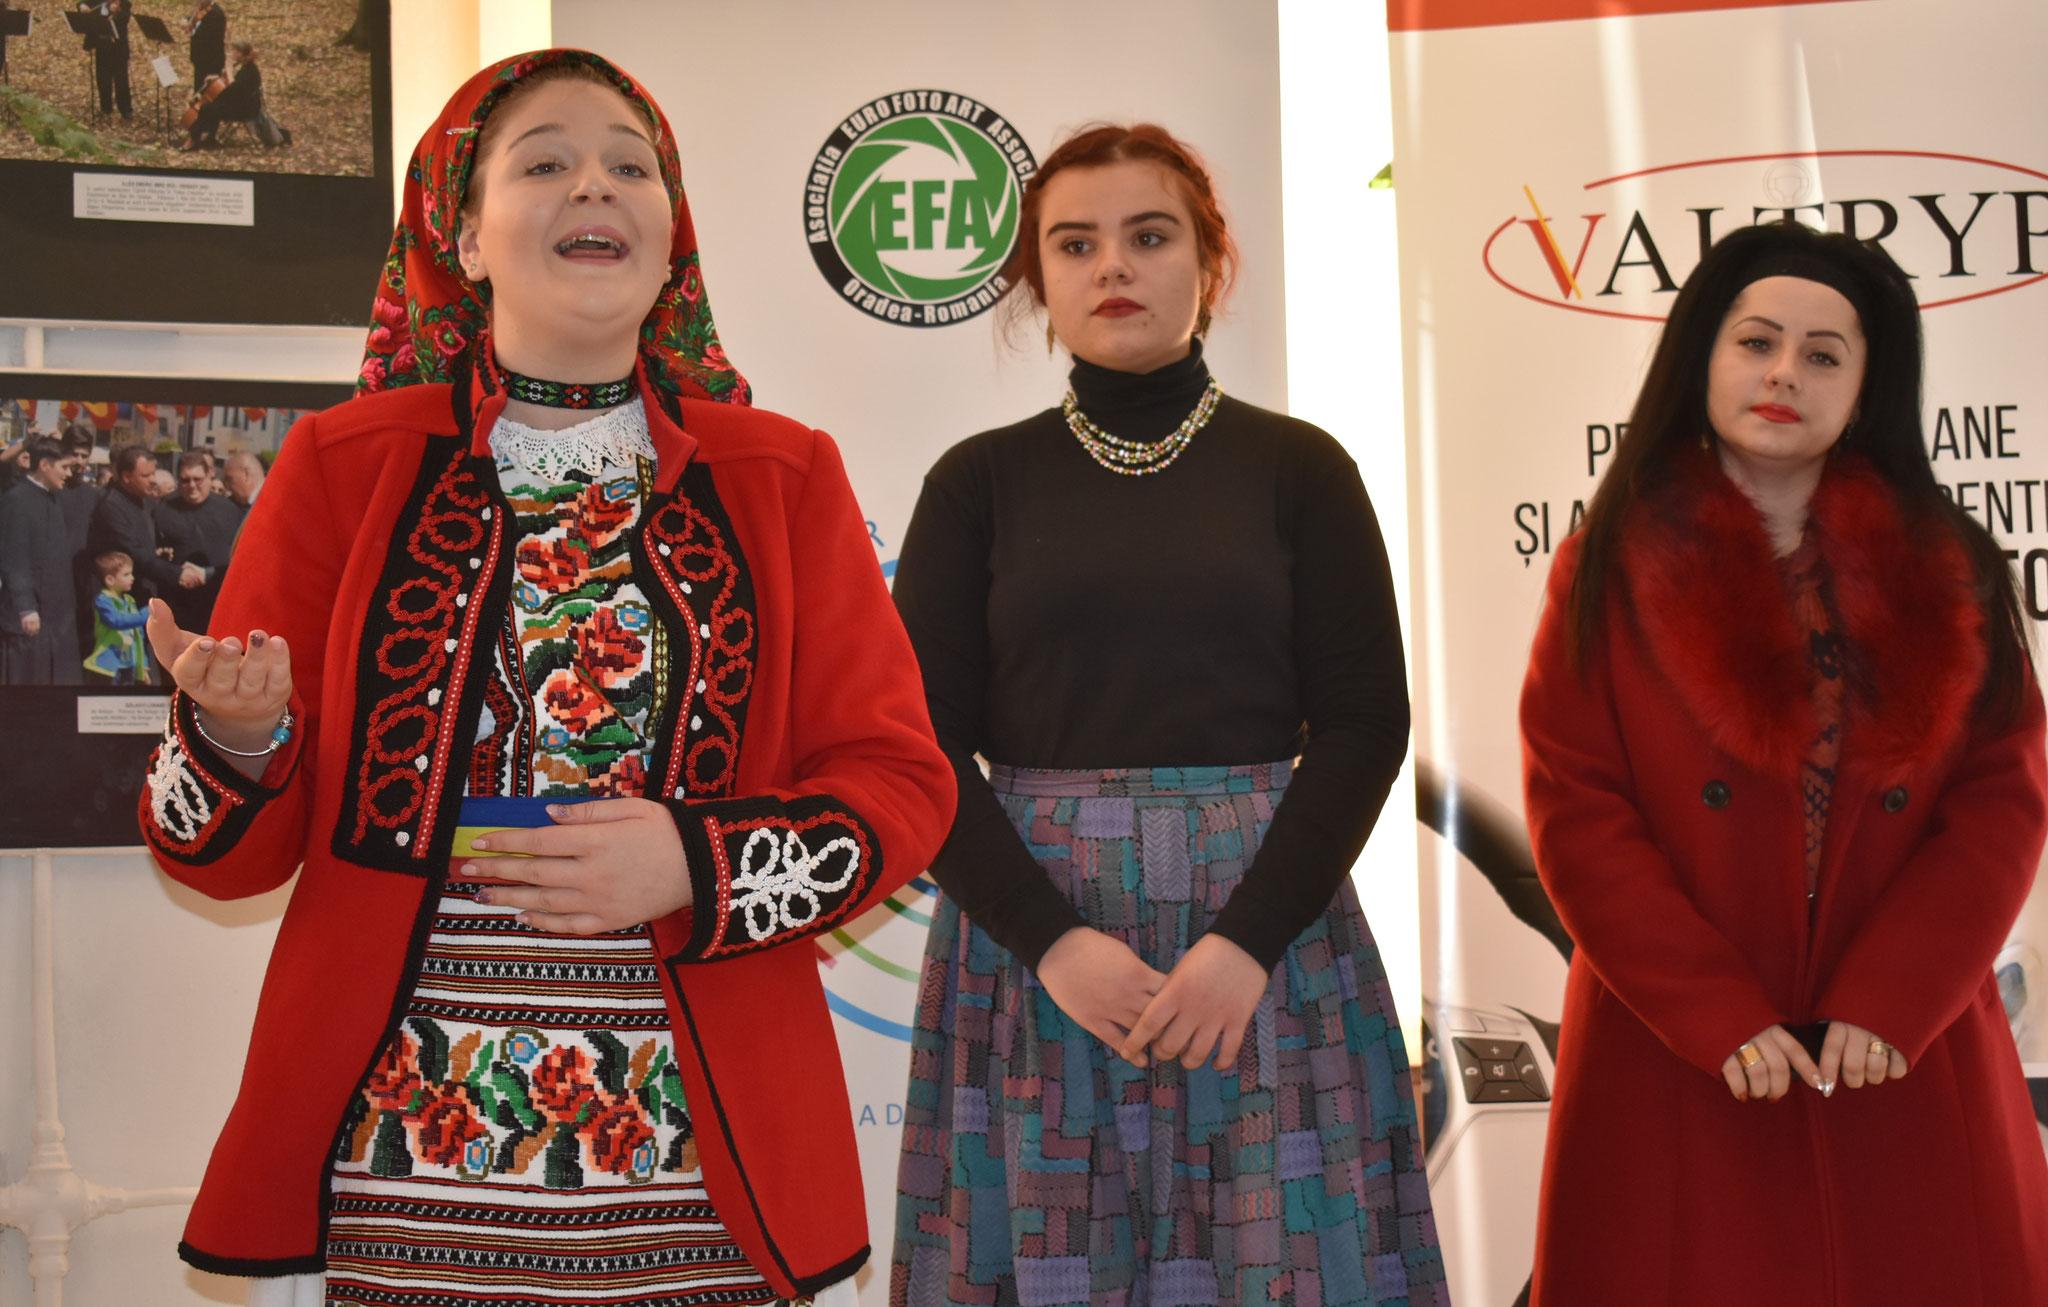 Fotó: Szegedi Éva (EFA)